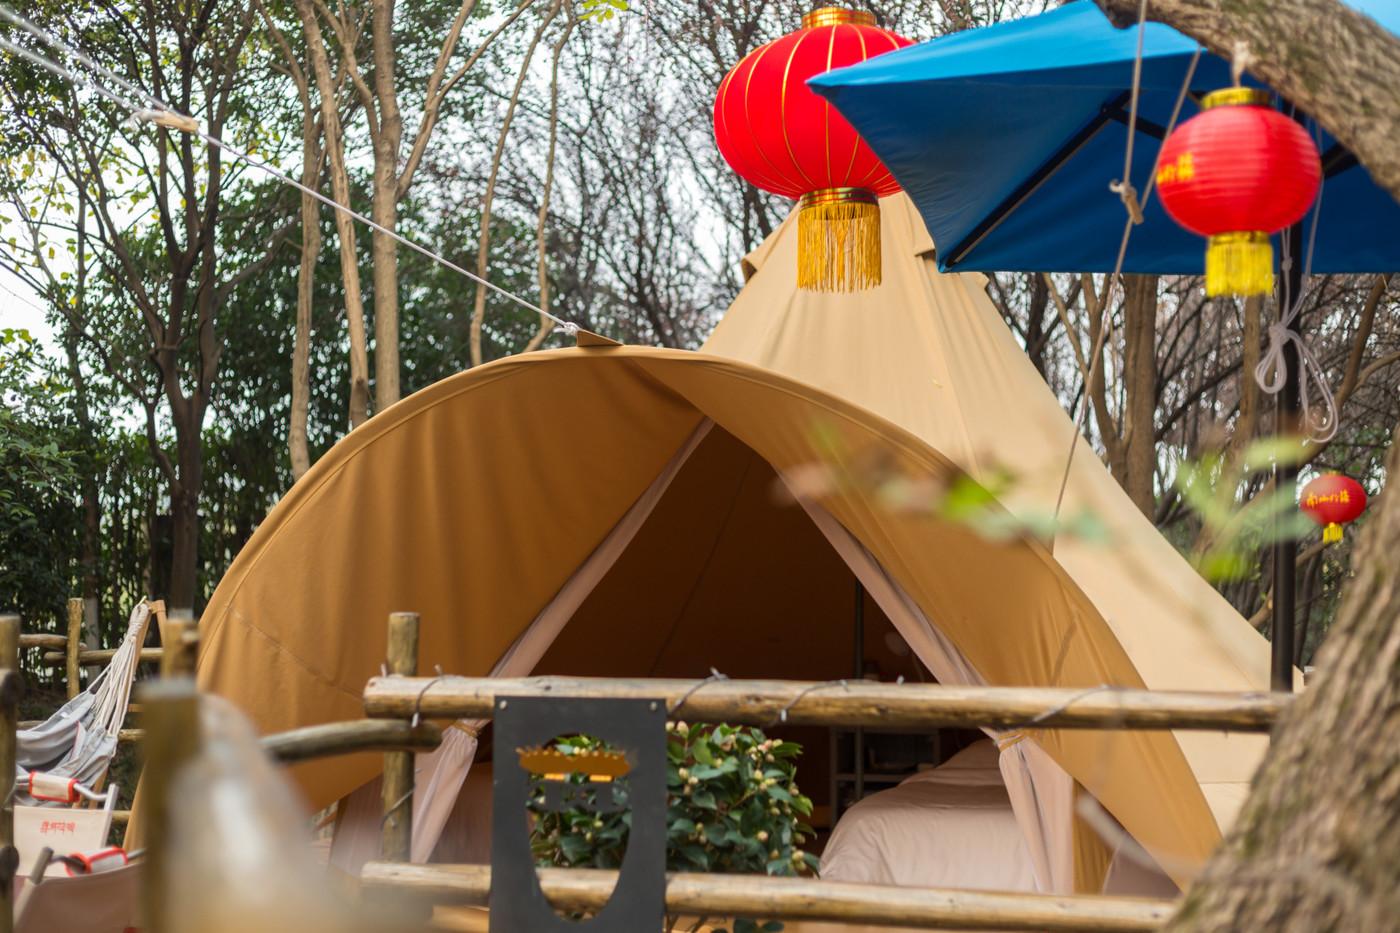 喜马拉雅野奢帐篷酒店—江苏常州天目湖树屋帐篷酒店28